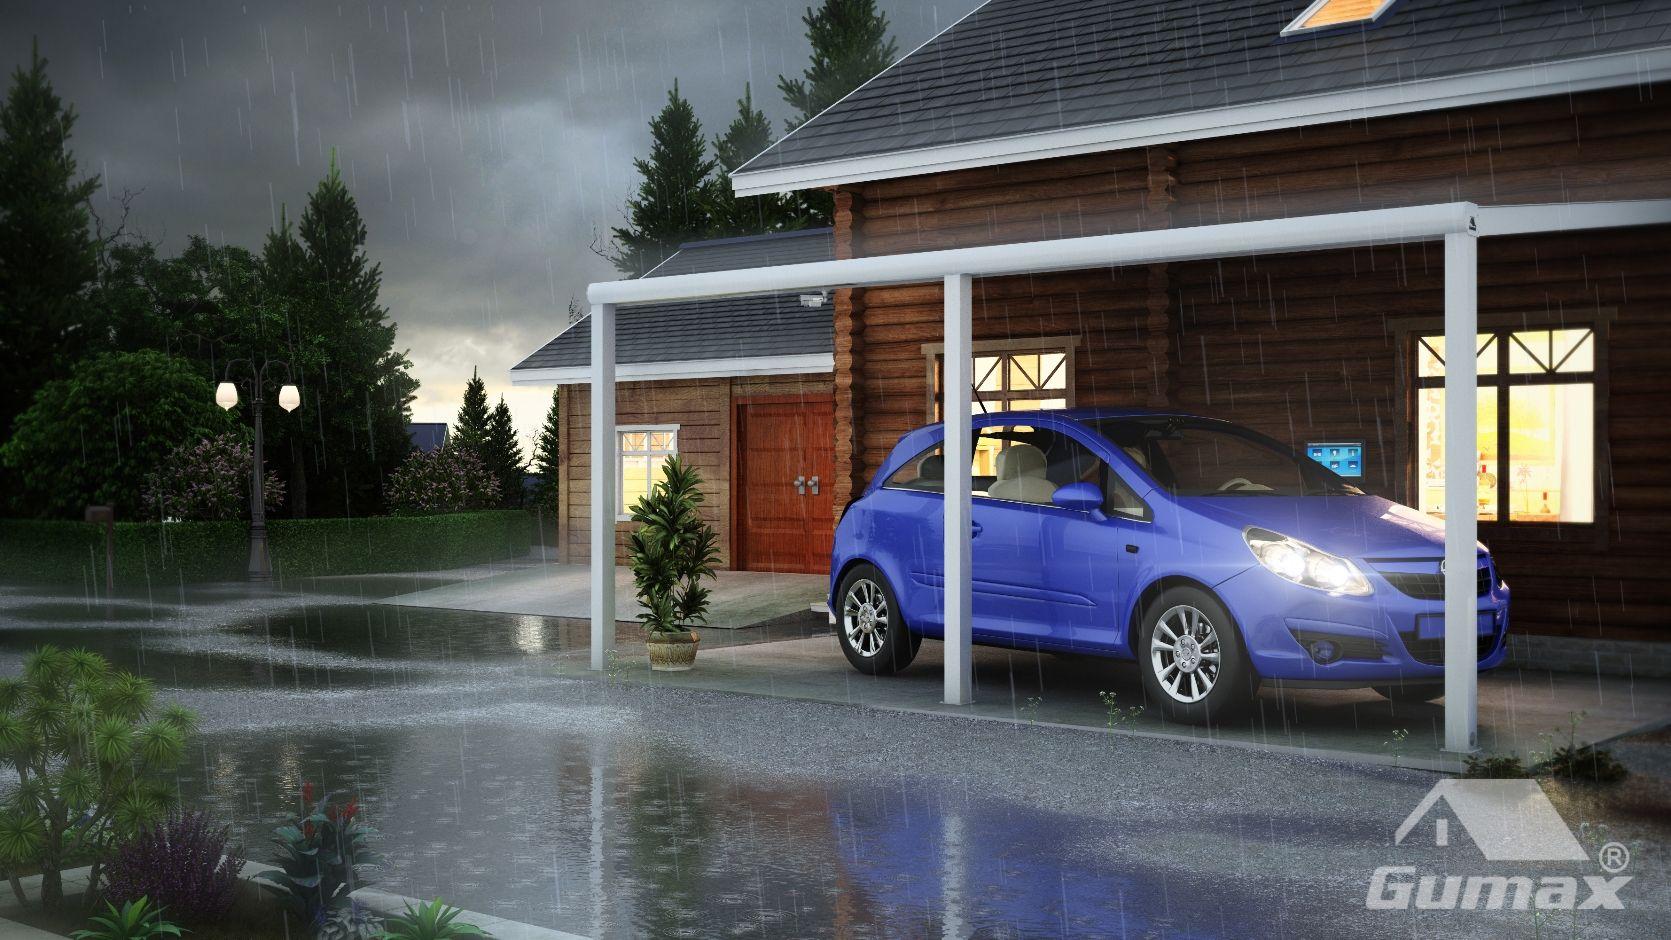 Overkapping Voor Auto : Met een carport staat uw auto altijd droog. gumax carport design in